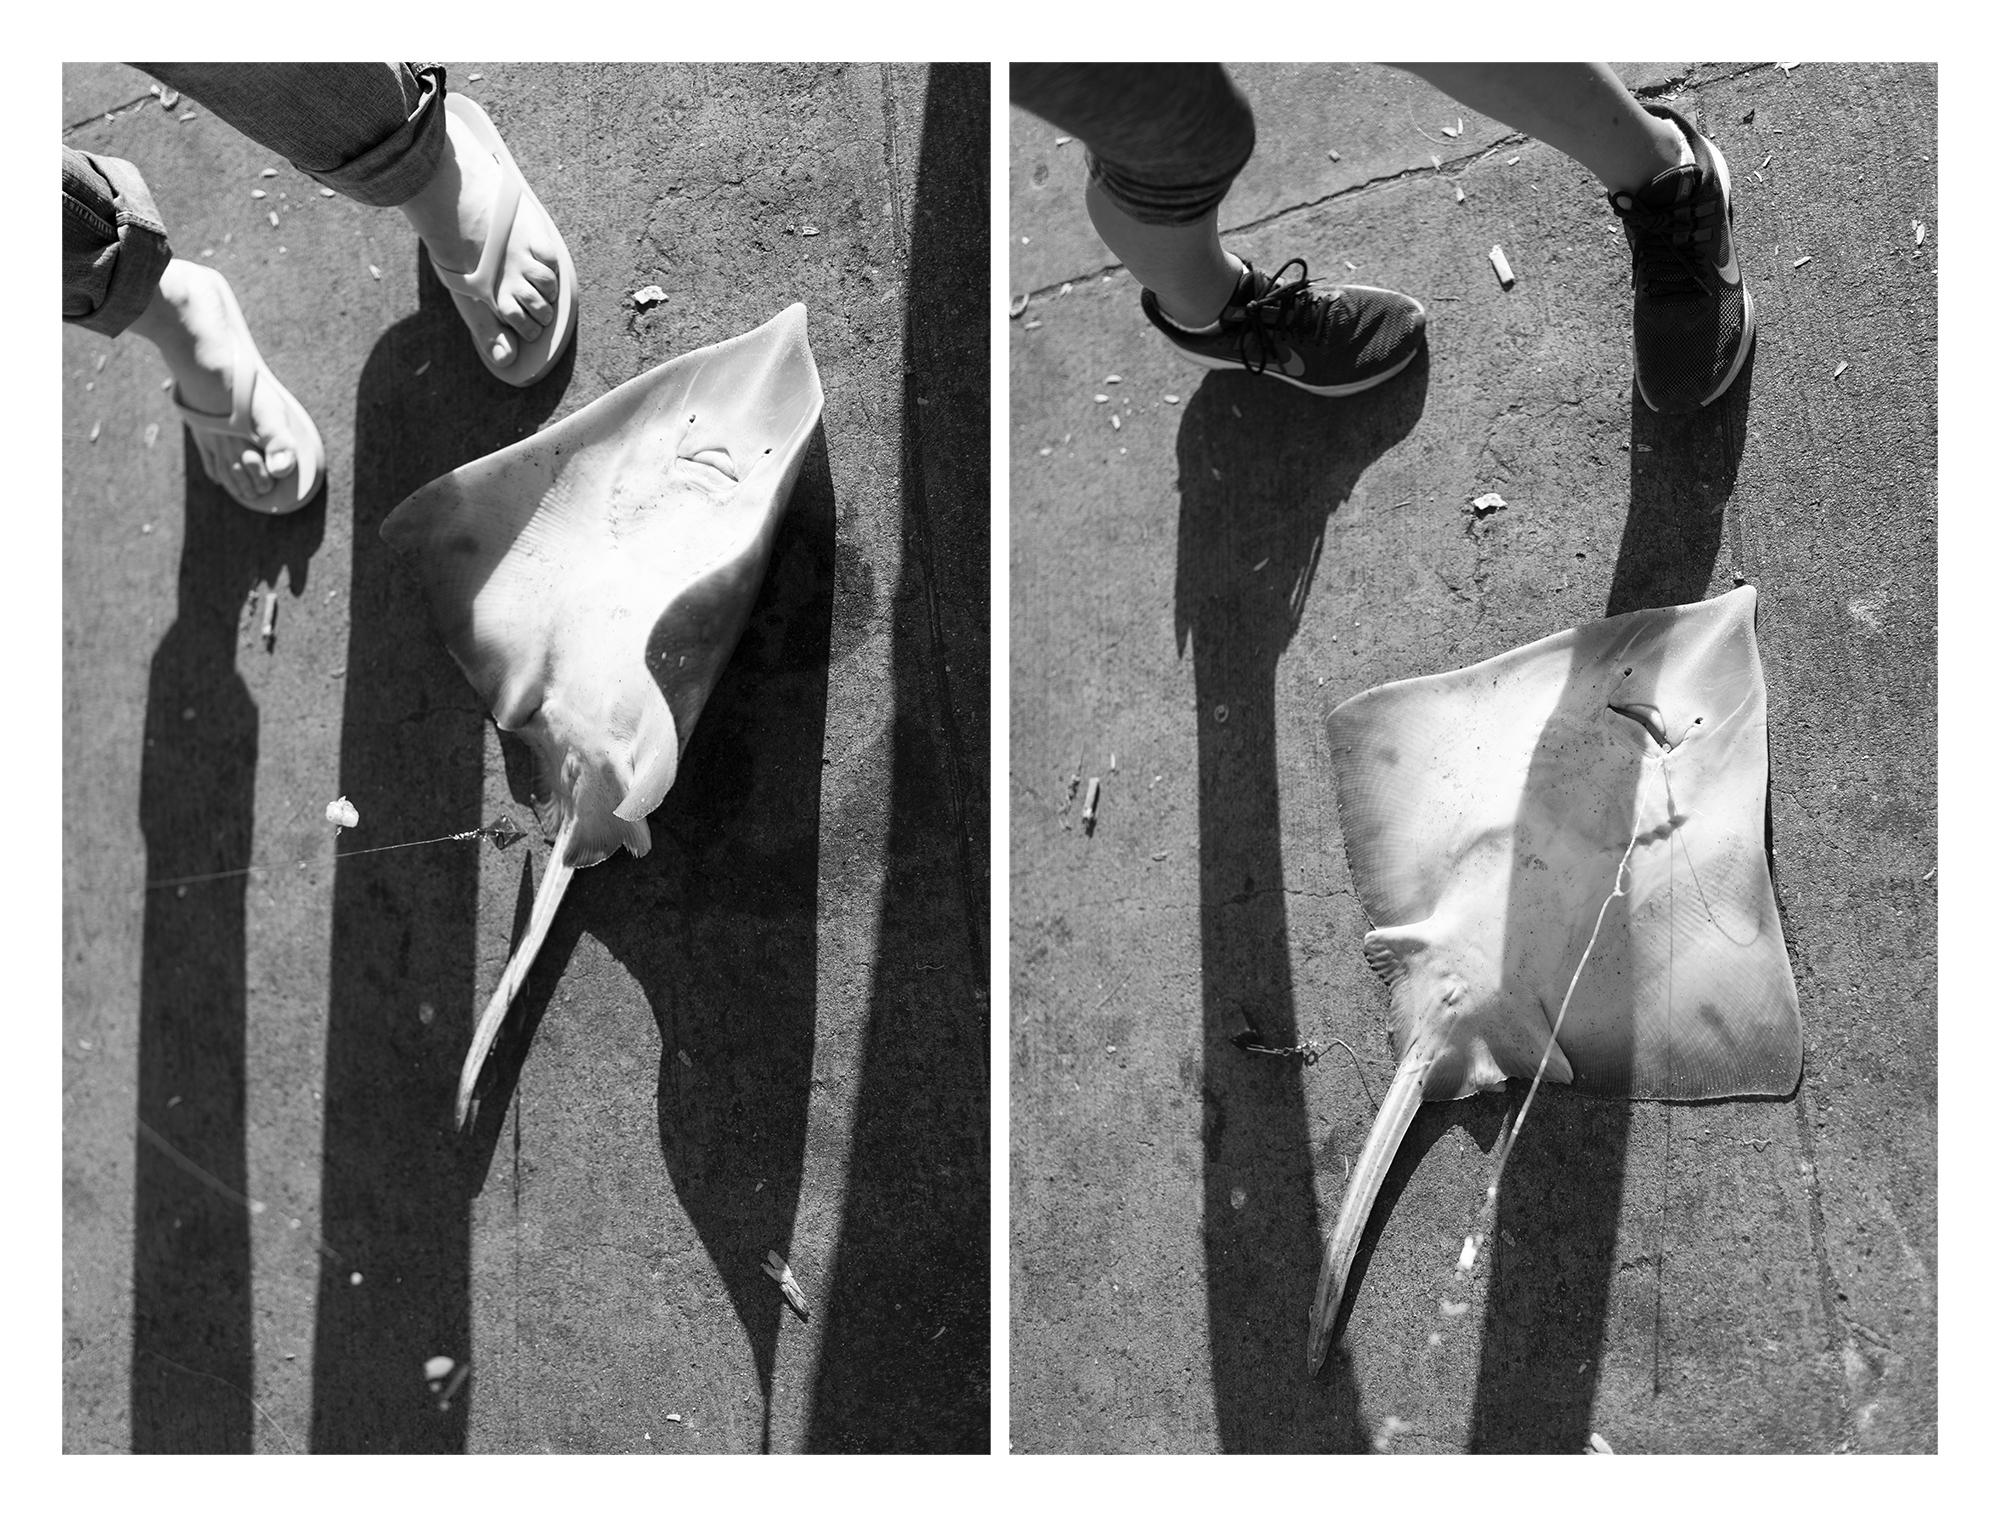 skate_shadows.jpg